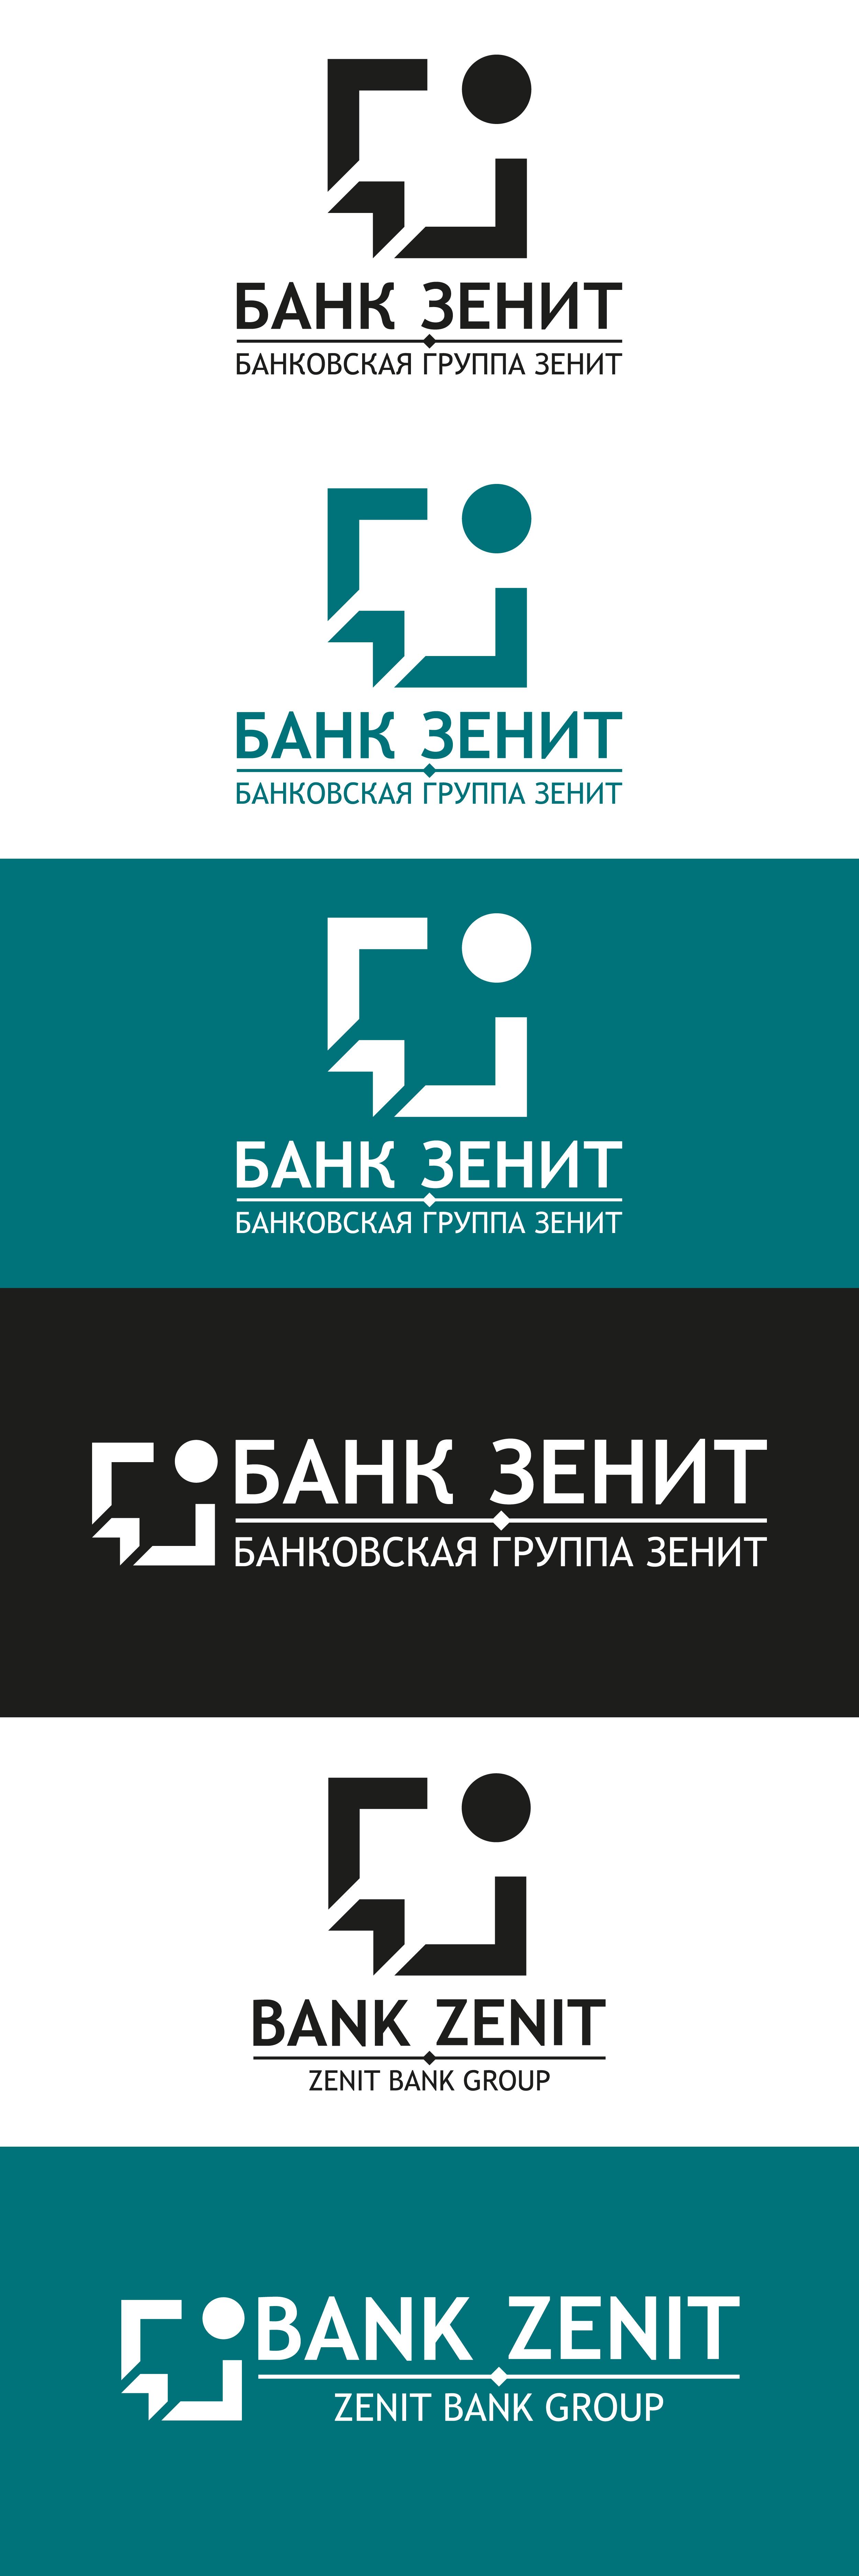 Разработка логотипа для Банка ЗЕНИТ фото f_0925b48595d71a44.jpg